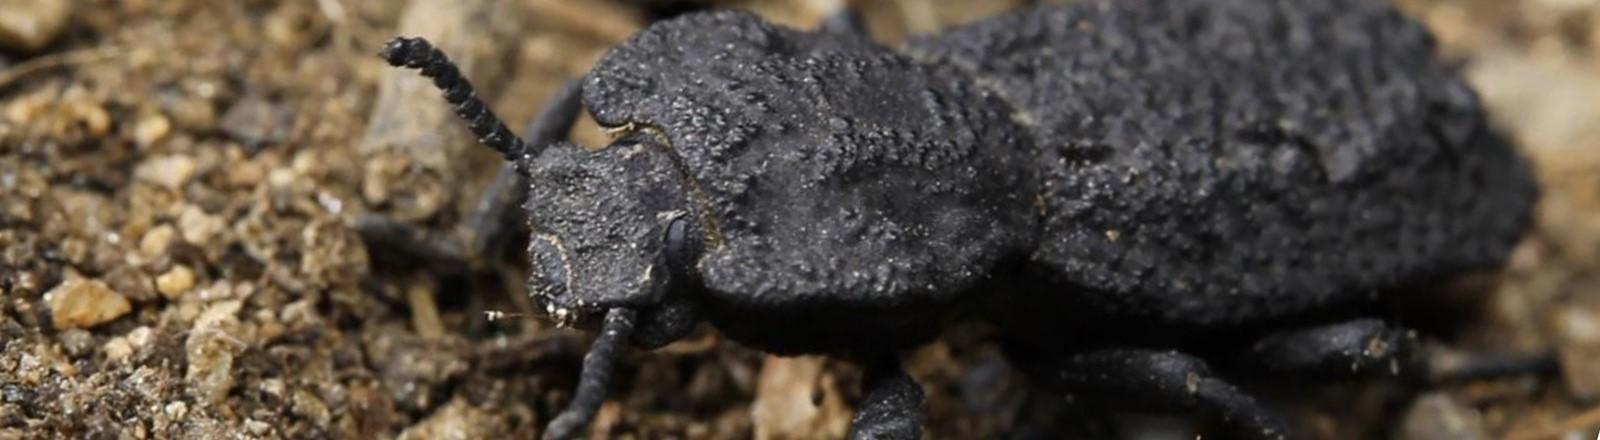 Käfer, Ironclad